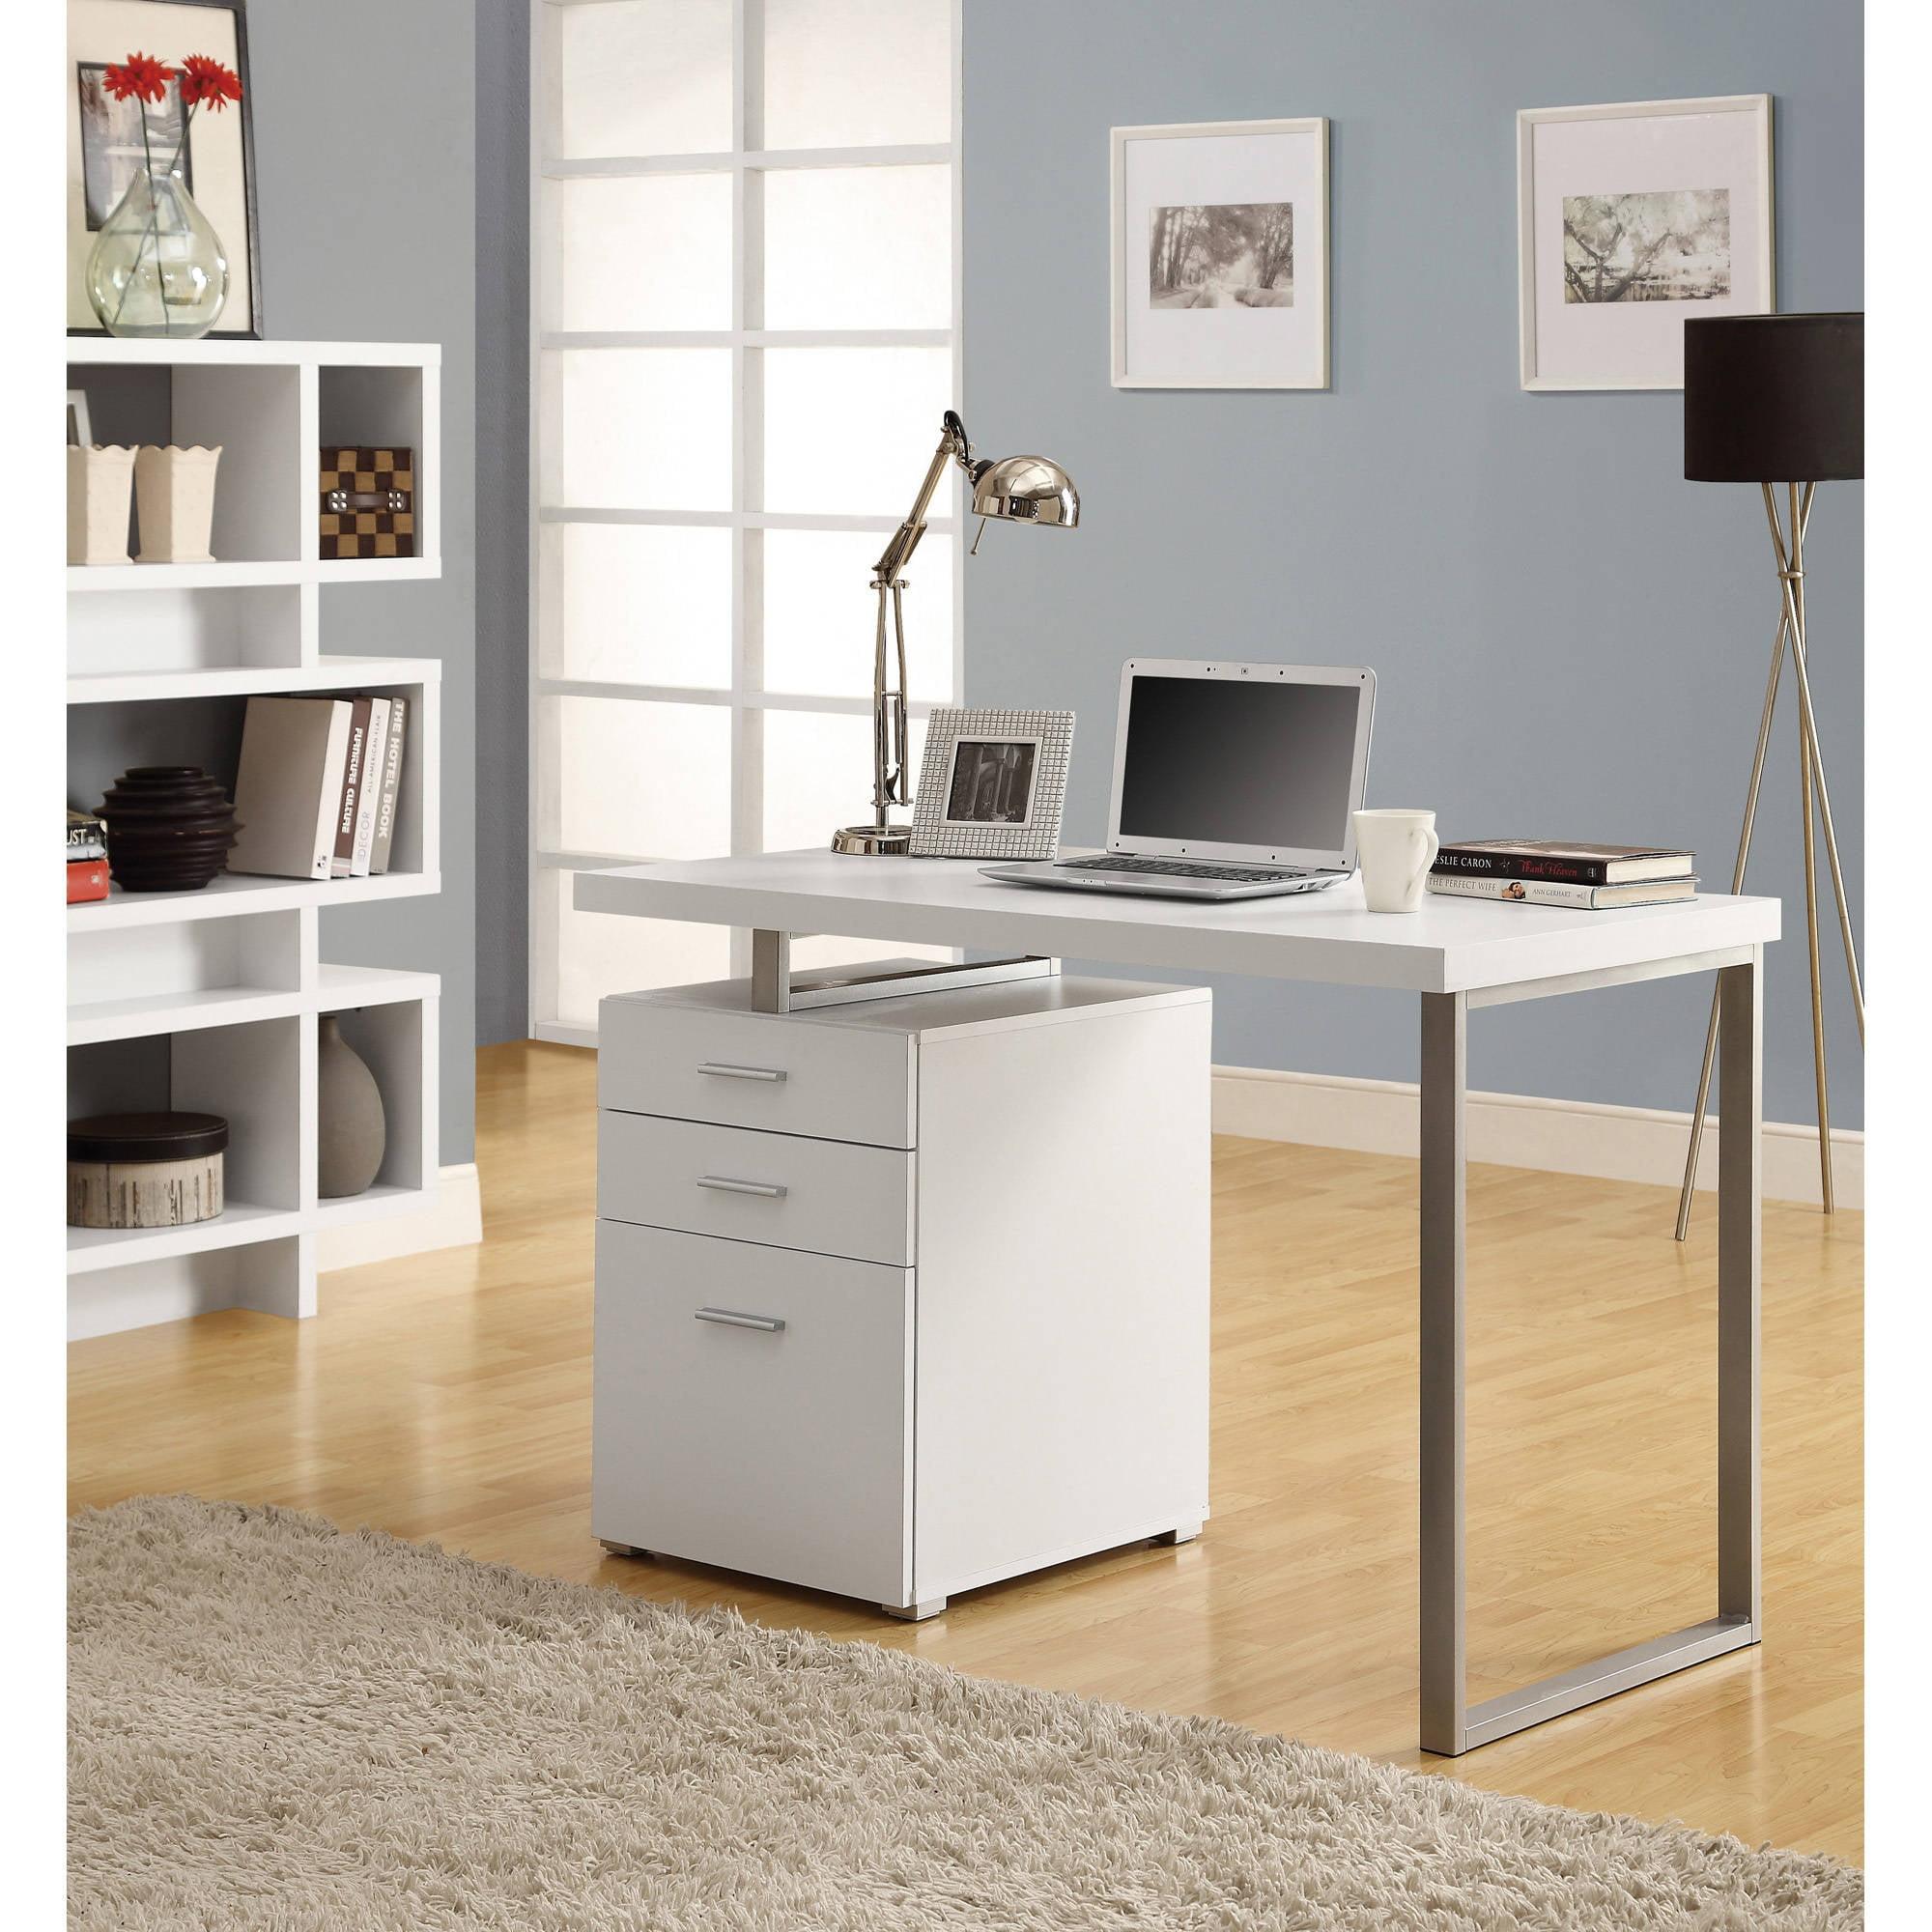 Monarch computer desk 48l white left or right facing walmart com